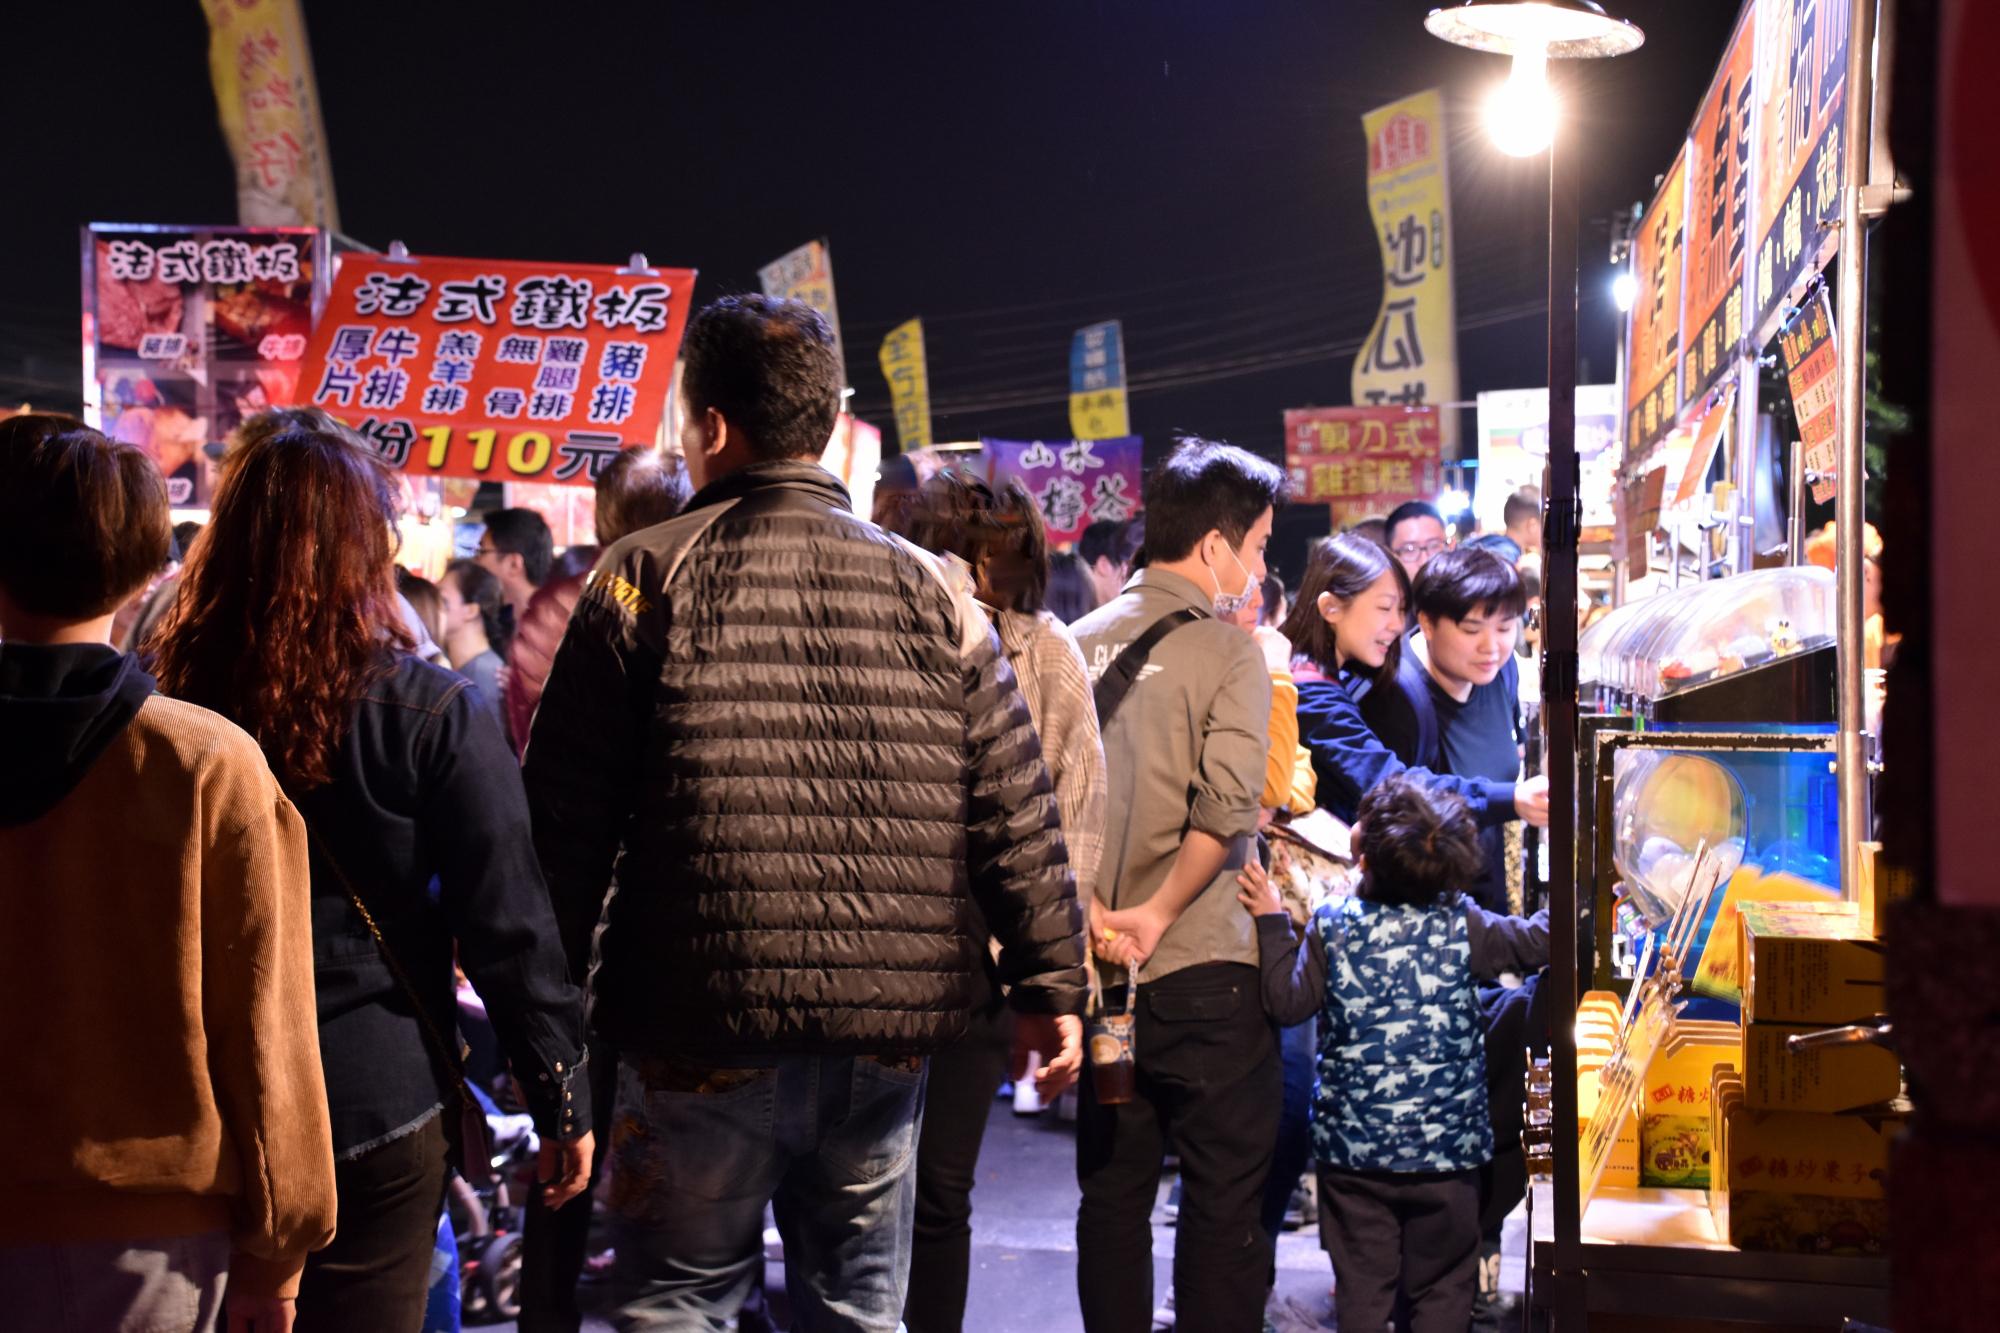 小野﨑由美子・ゆるりと台南#3【旅カメラ旅ごはん】